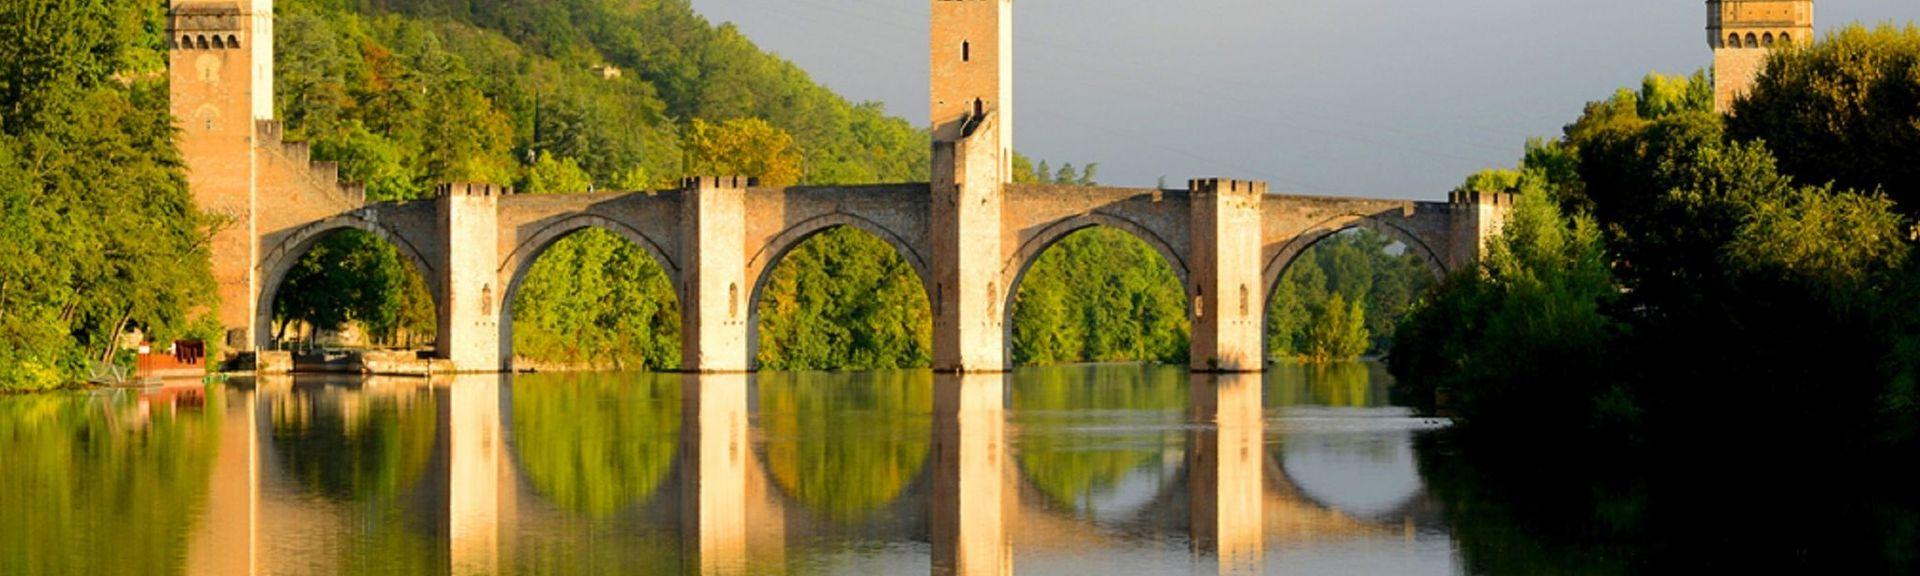 Montaigu-de-Quercy, France